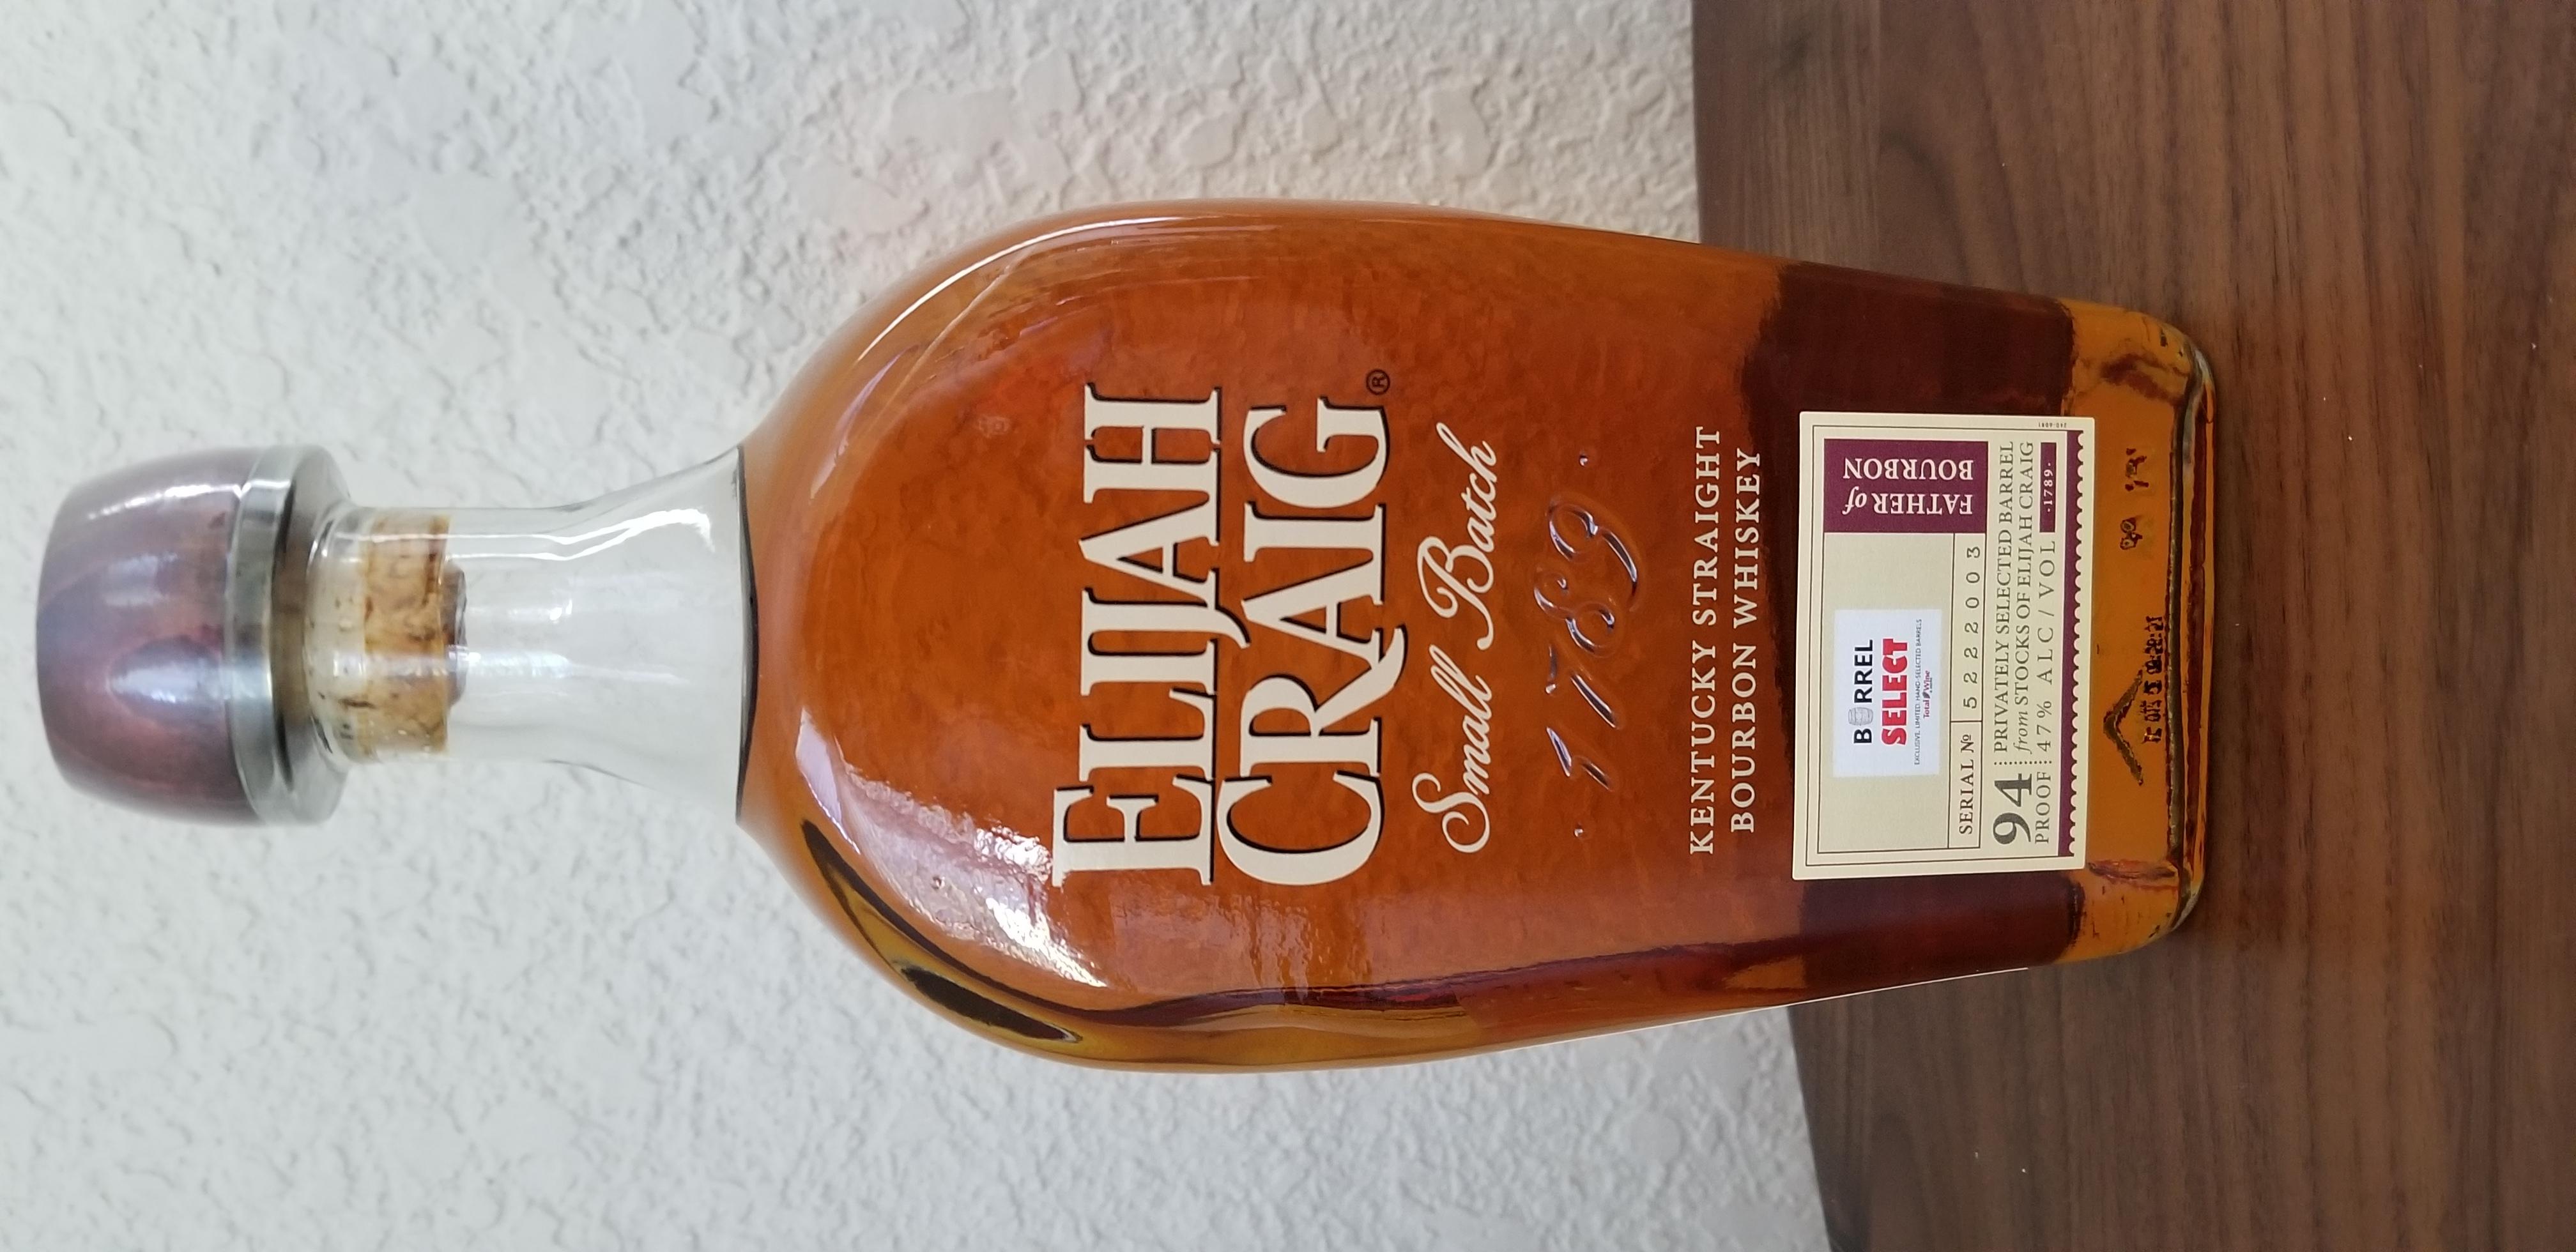 addb162bb81 Elijah Craig (bourbon) - Wikiwand